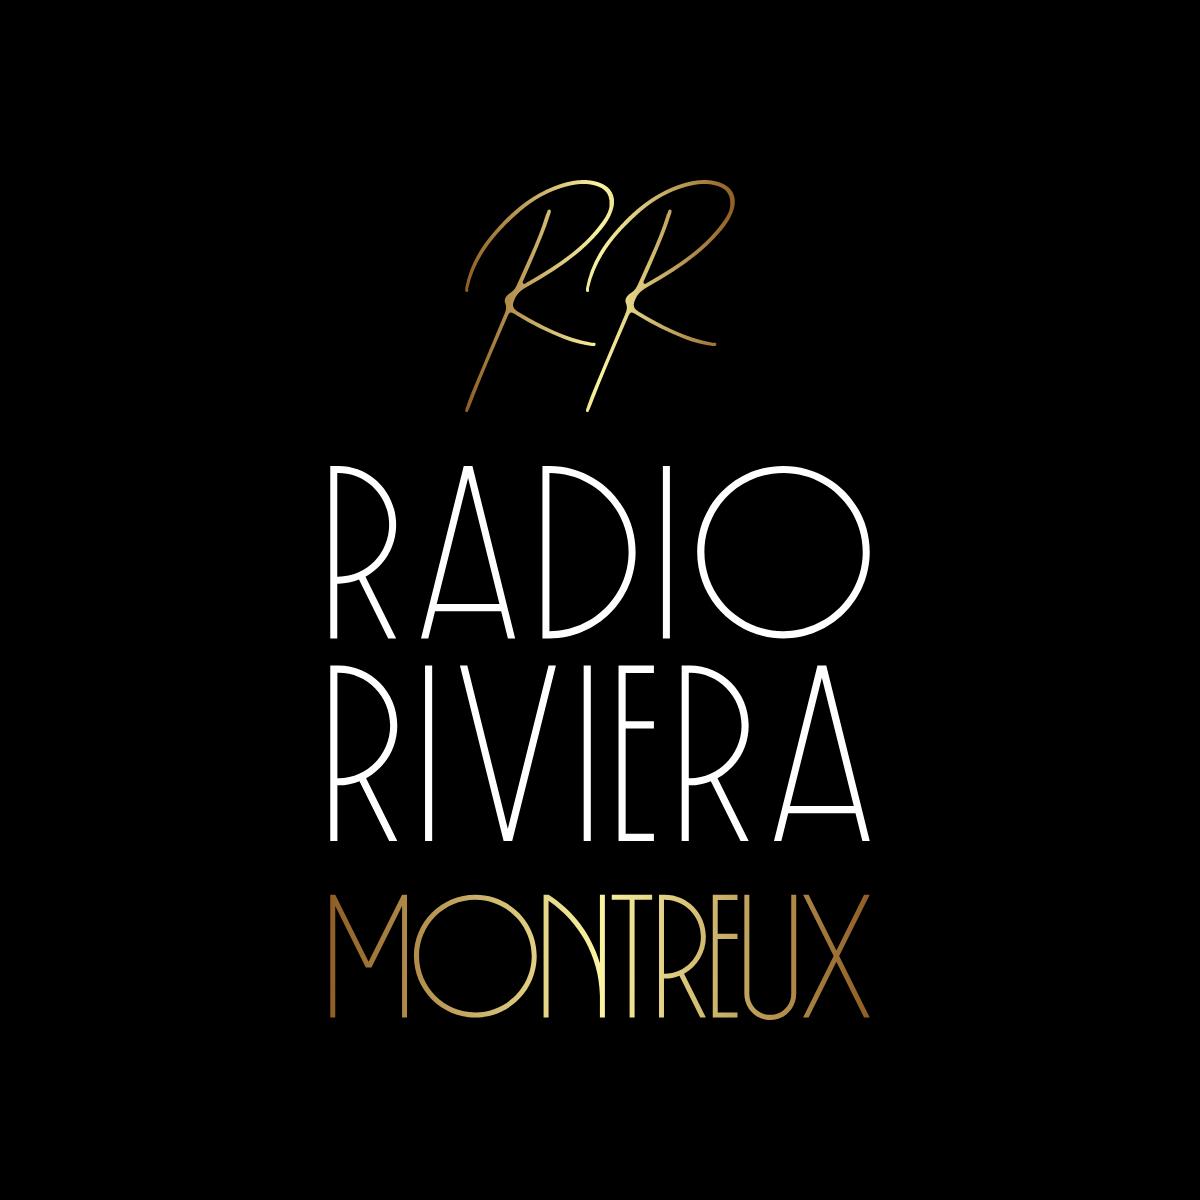 Riviera Montreux